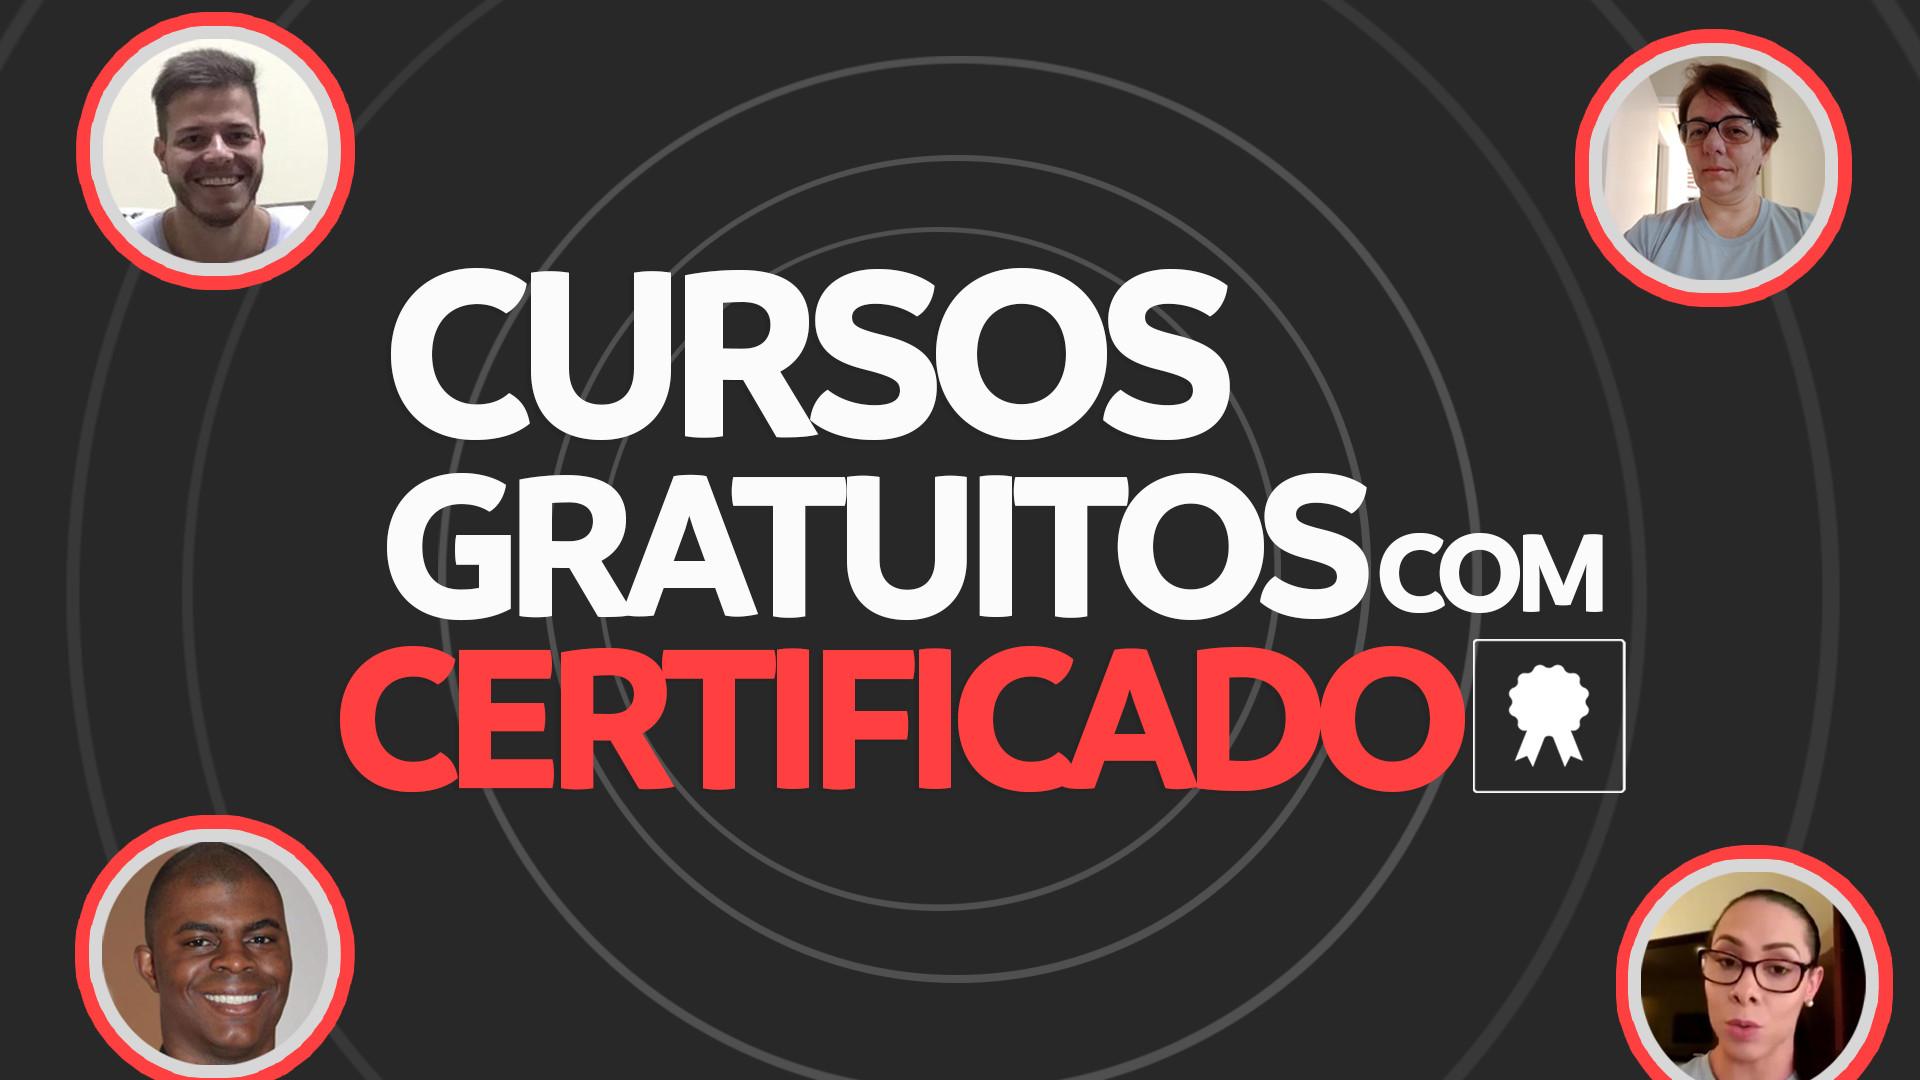 CUROS GRATUITOS SITE.jpg